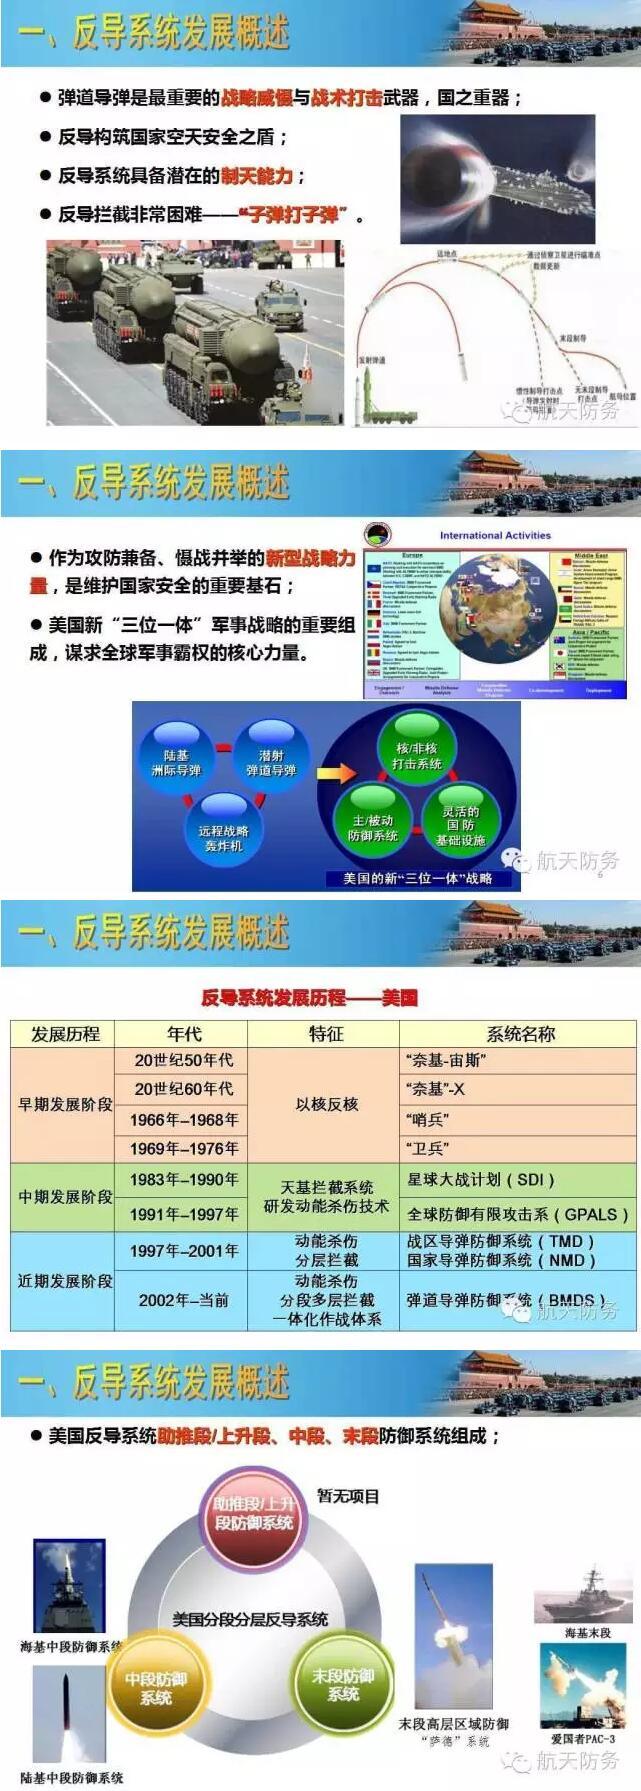 仲博娱乐平台百科|仲博平台登录|仲博平台是哪个国家的